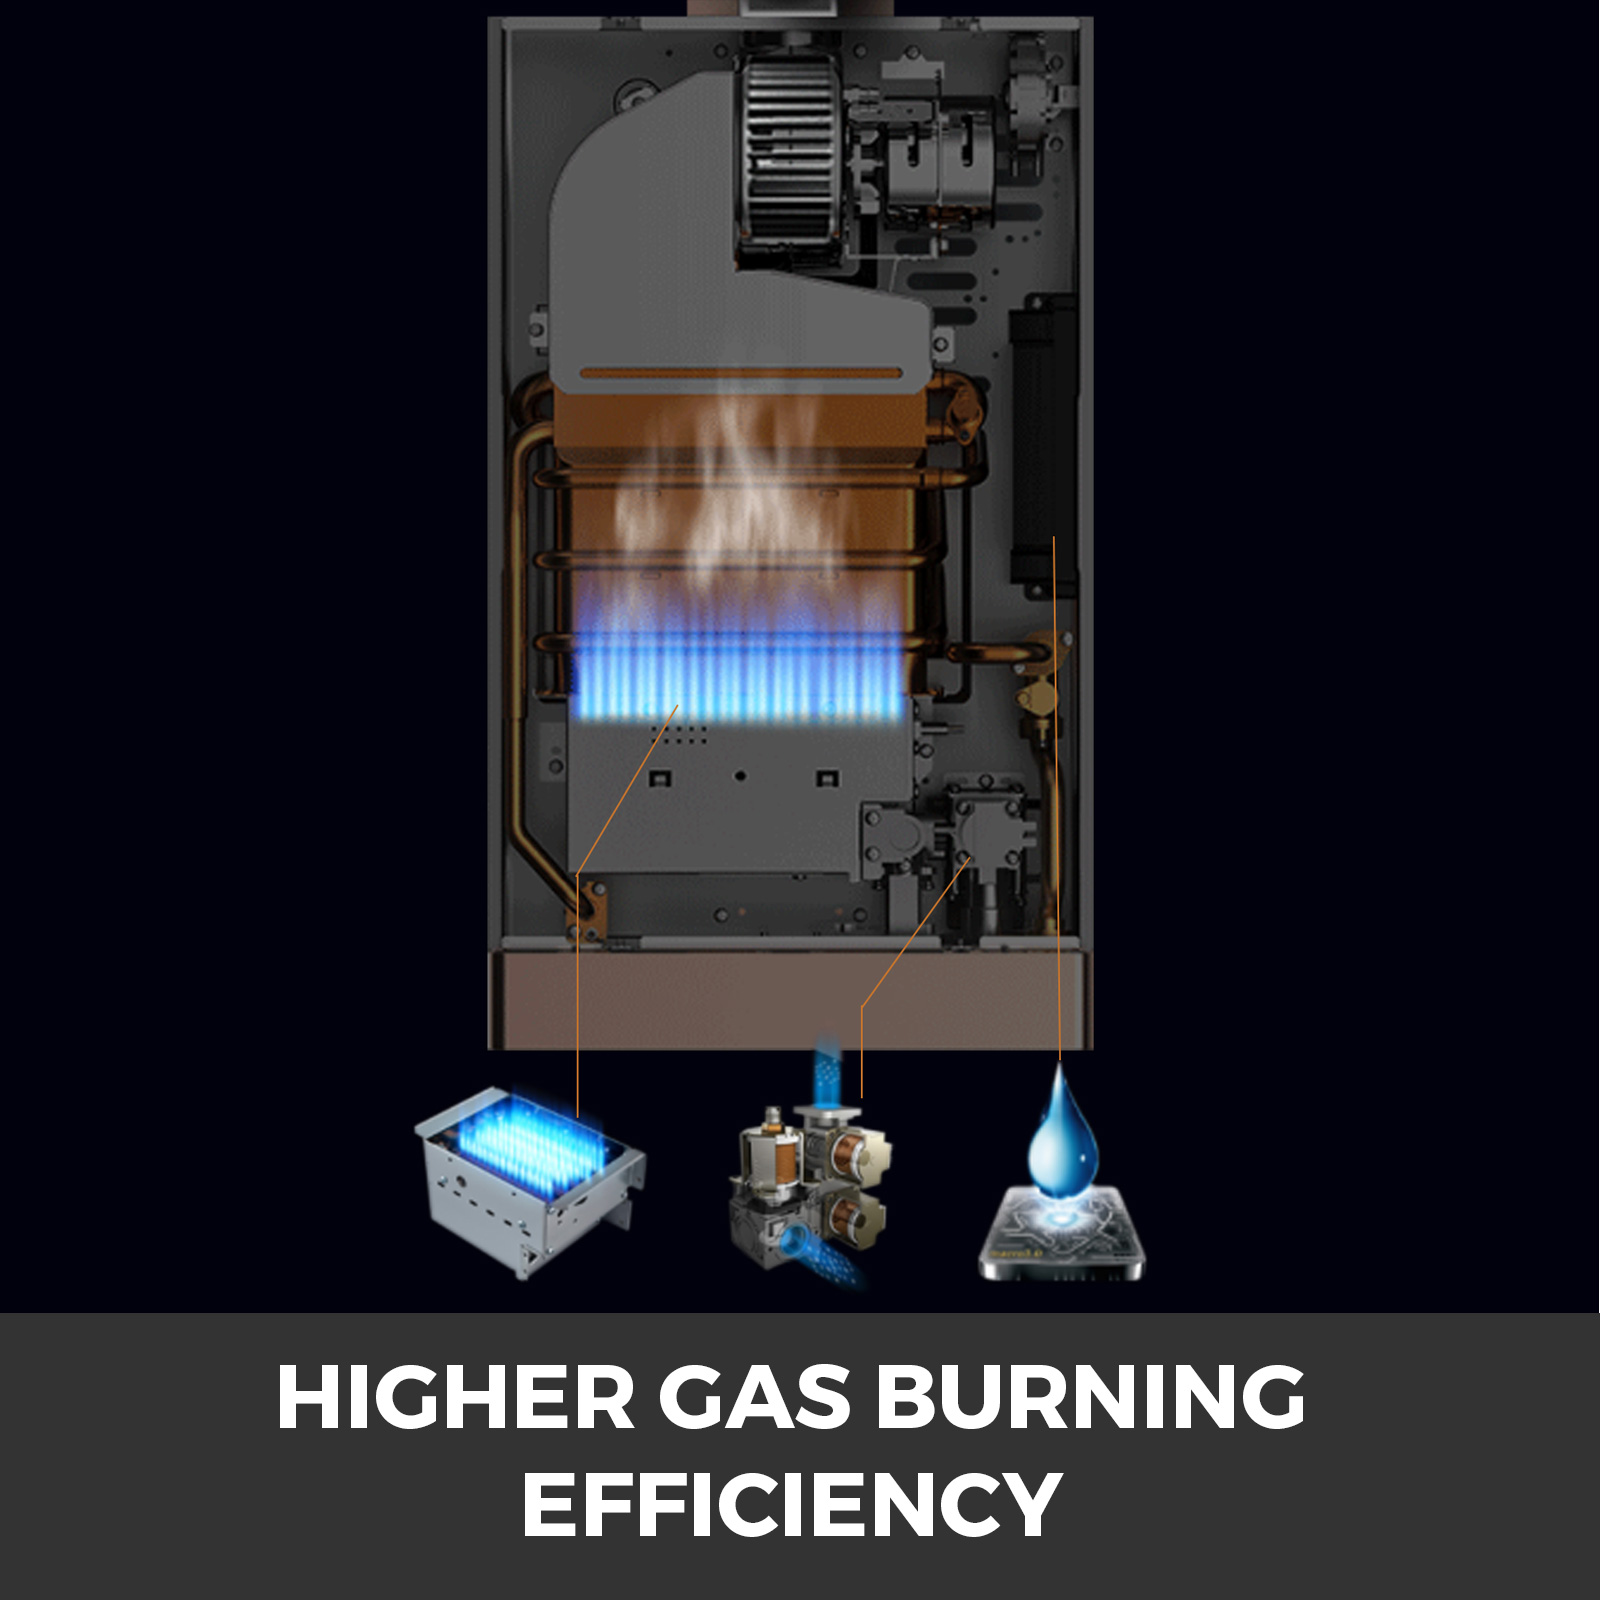 Propangas-Gas-Durchlauferhitzer-Warmwasserbereiter-Boiler-Warmwasserspeicher Indexbild 89